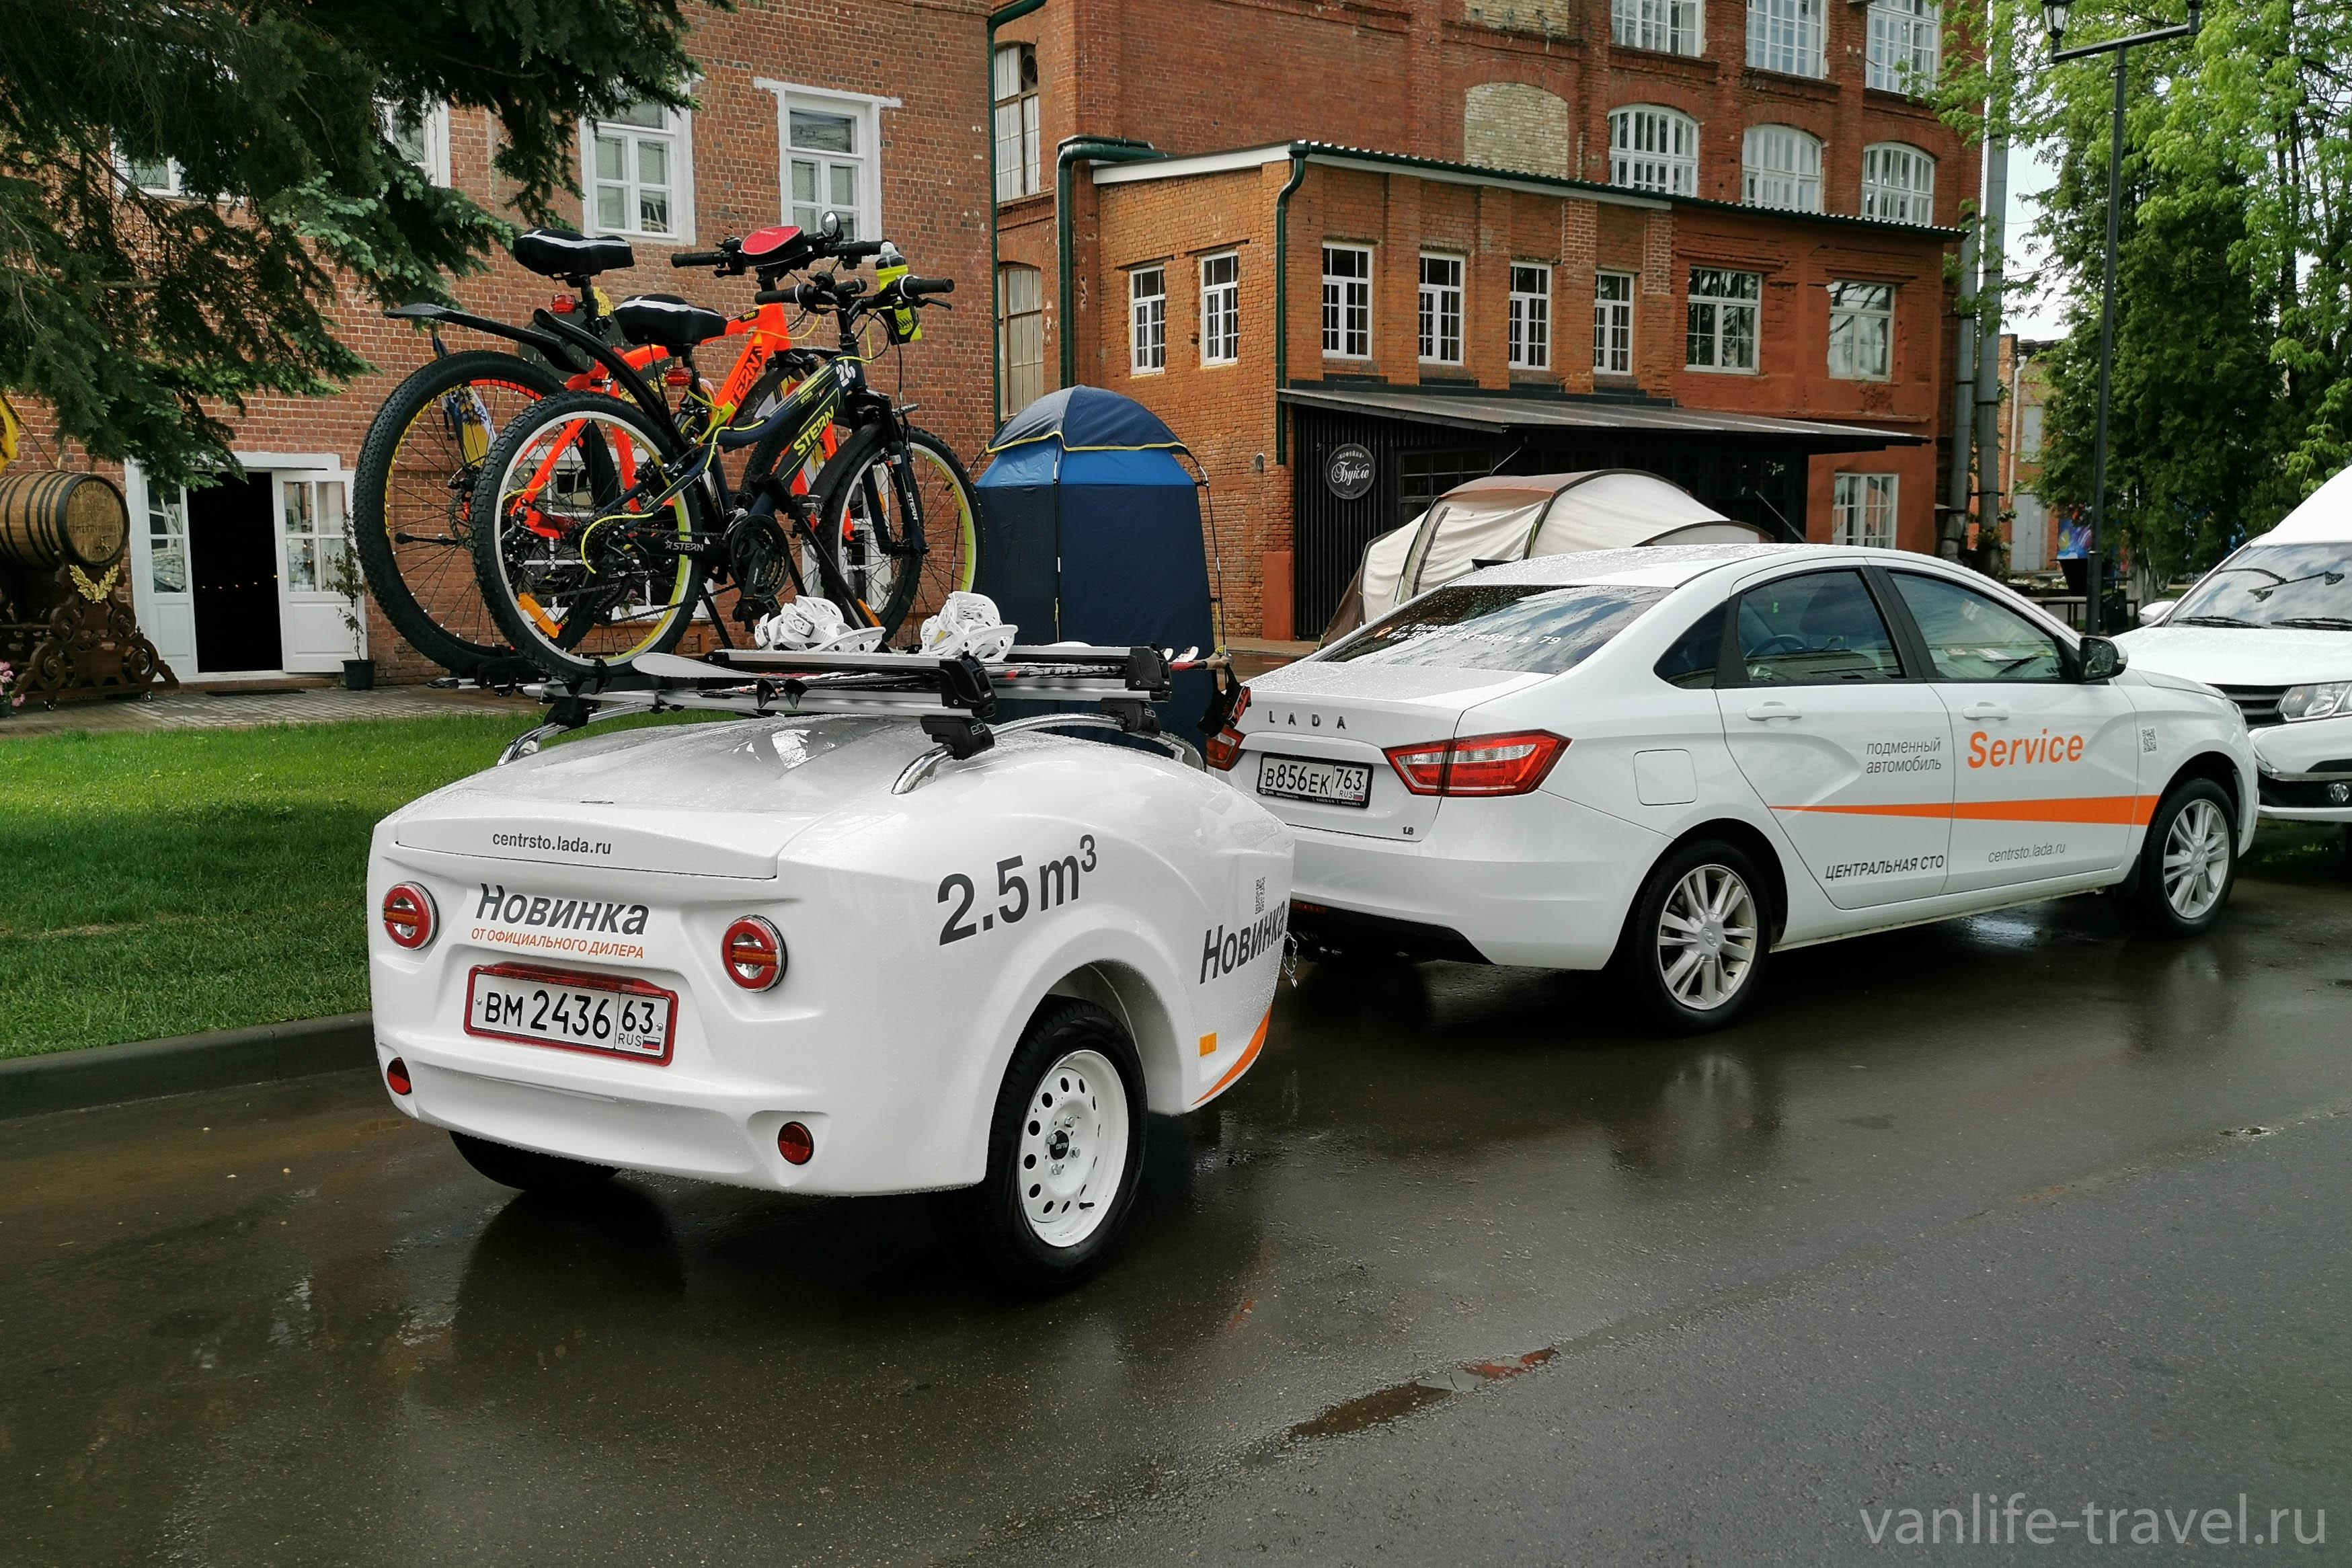 kak-perevozit-velosipedy-na-avtomobile